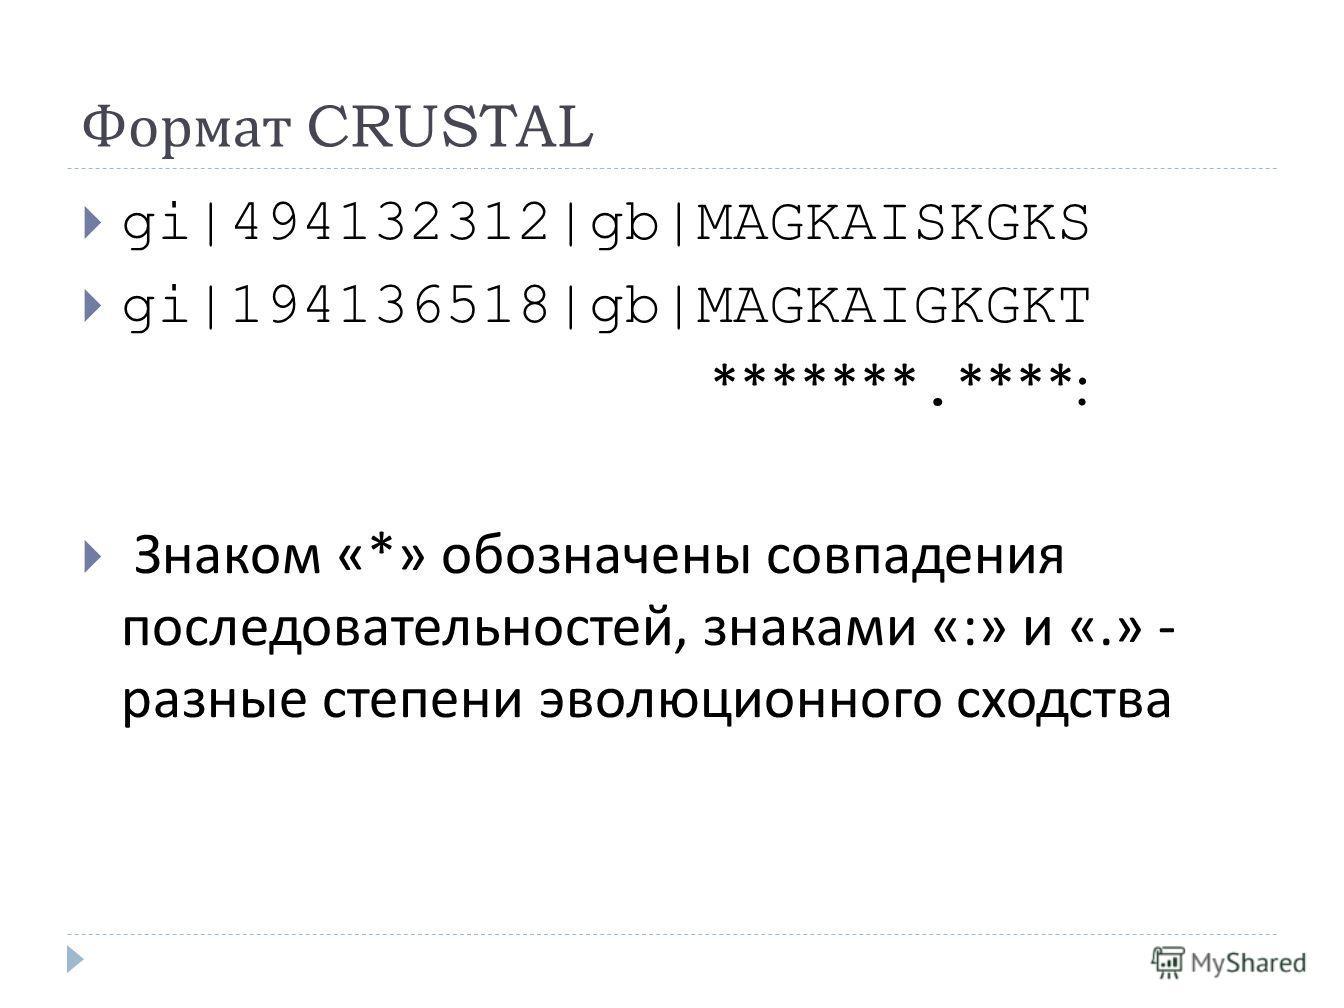 Формат CRUSTAL gi|494132312|gb|MAGKAISKGKS gi|194136518|gb|MAGKAIGKGKT *******. ****: Знаком «*» обозначены совпадения последовательностей, знаками «:» и «.» - разные степени эволюционного сходства